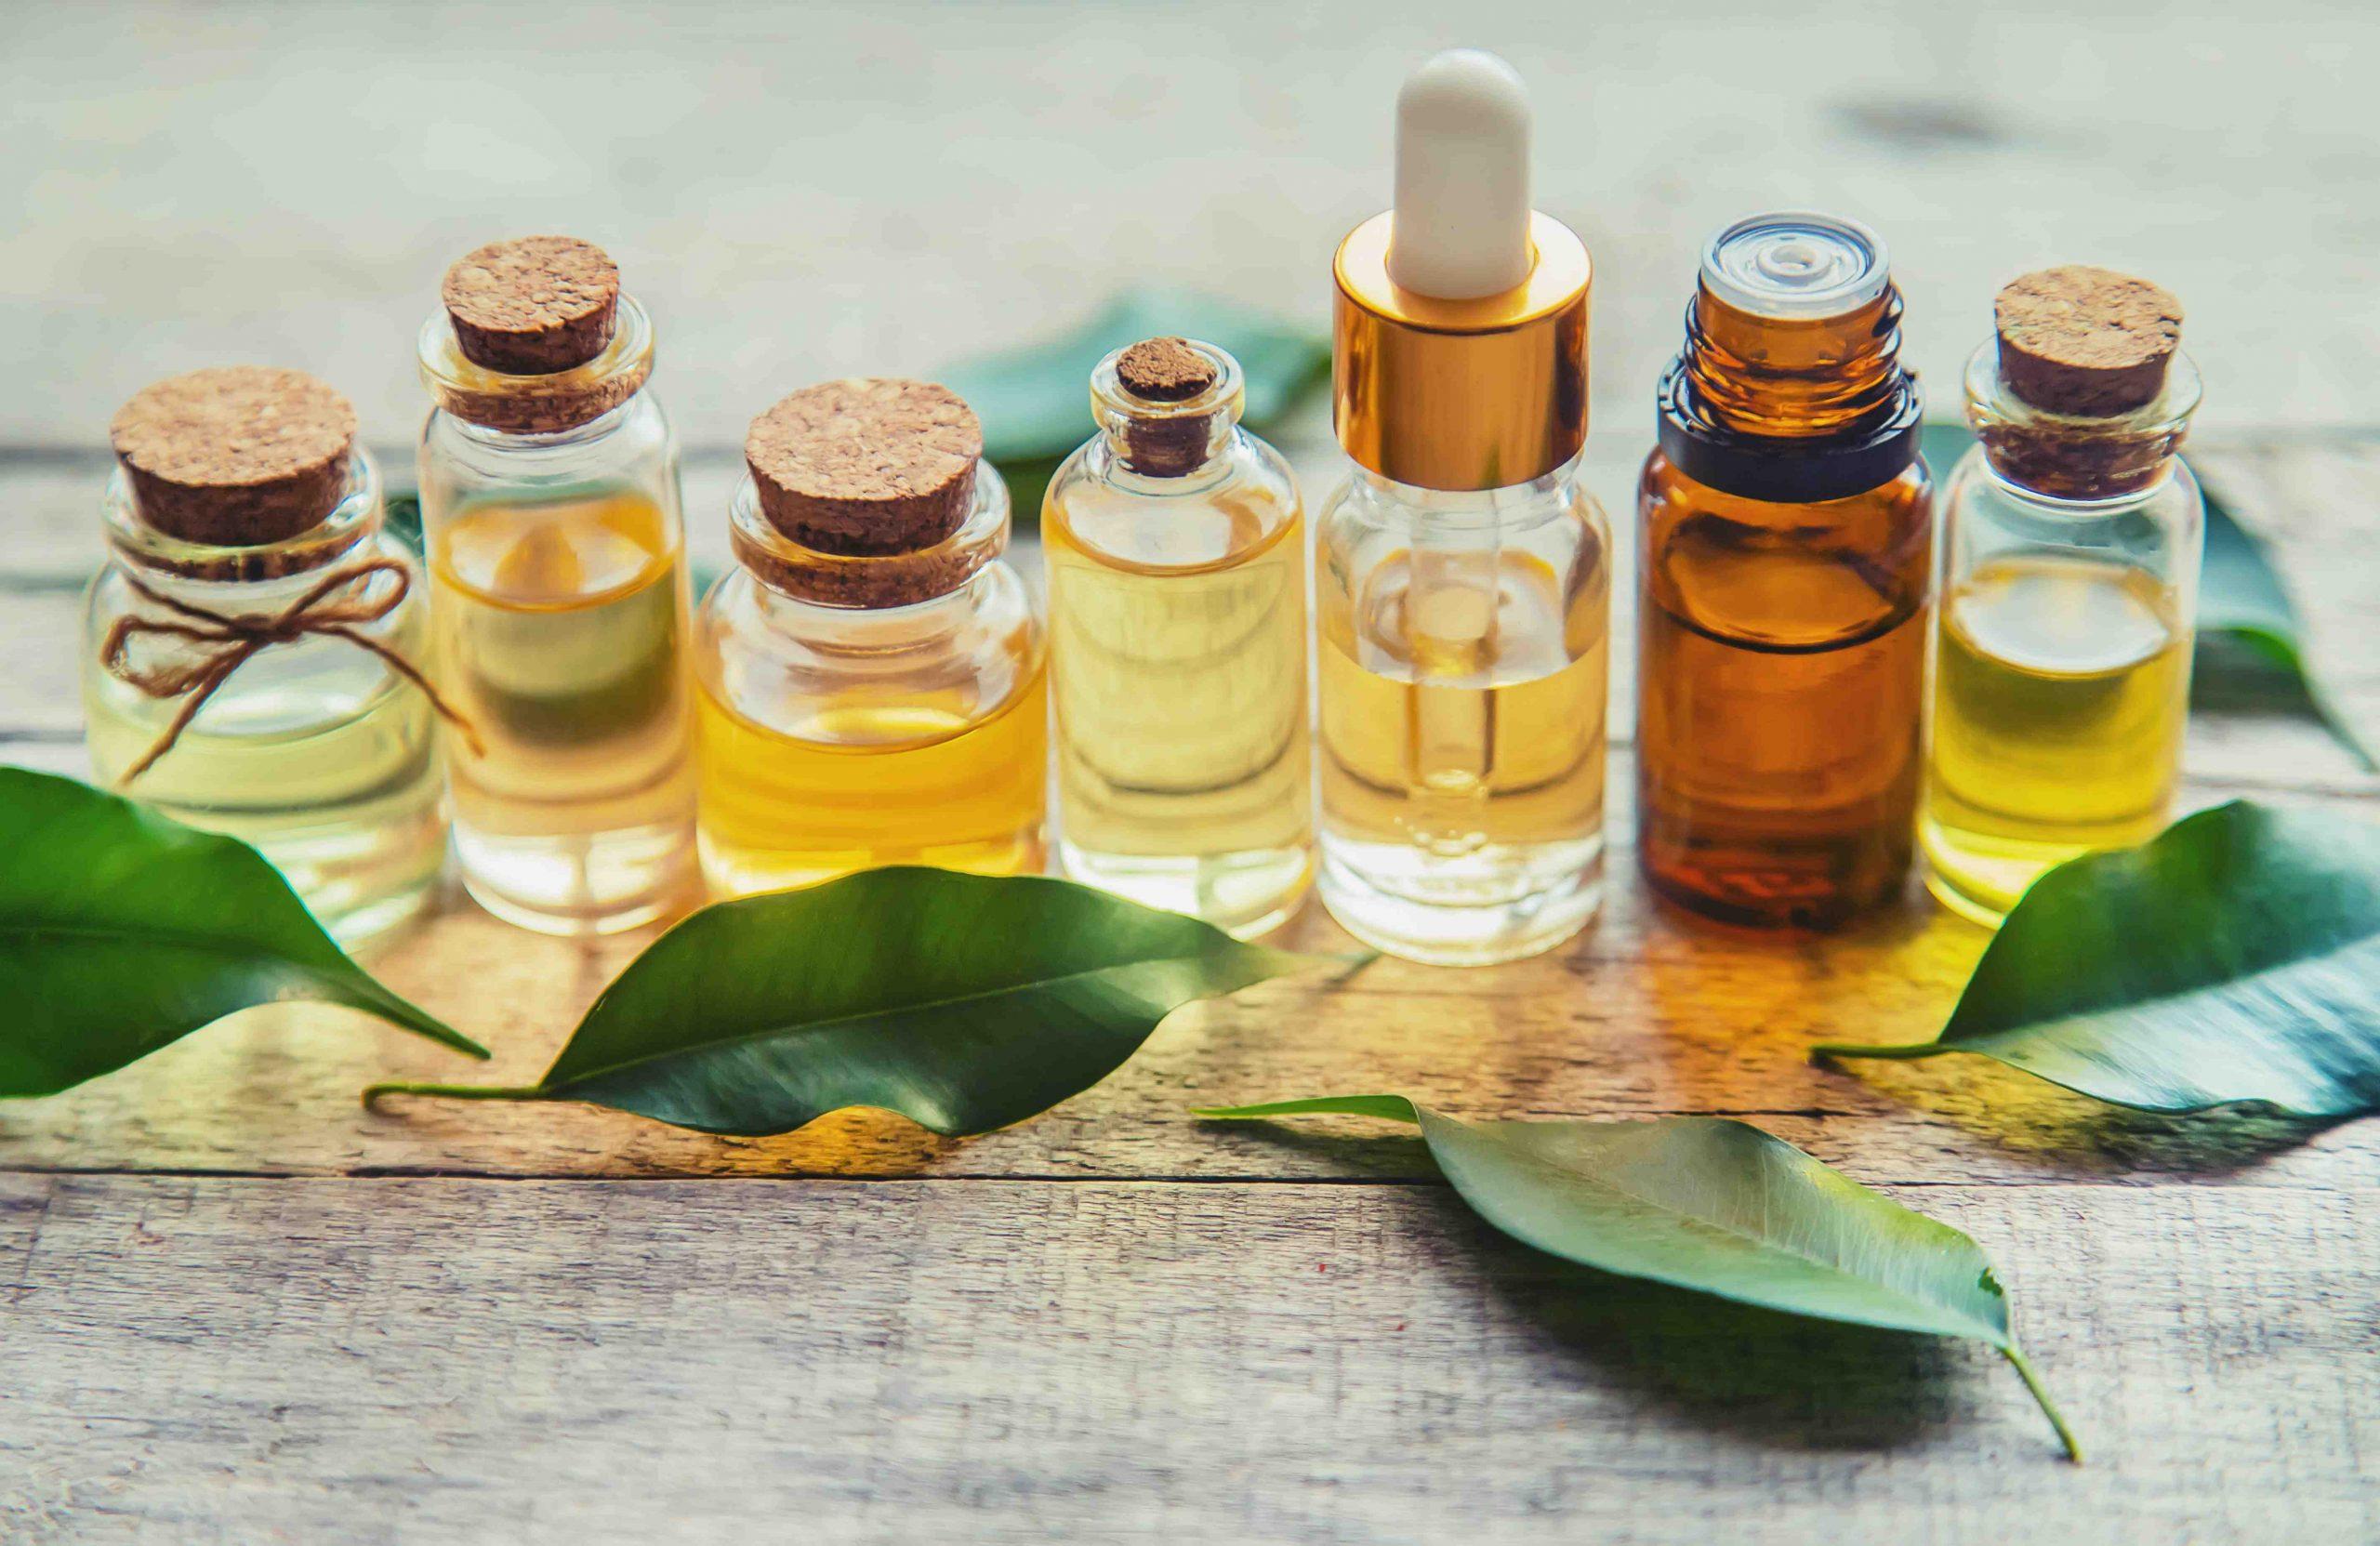 Quelles sont les vertus de l'huile essentielle d'arbre à thé ?